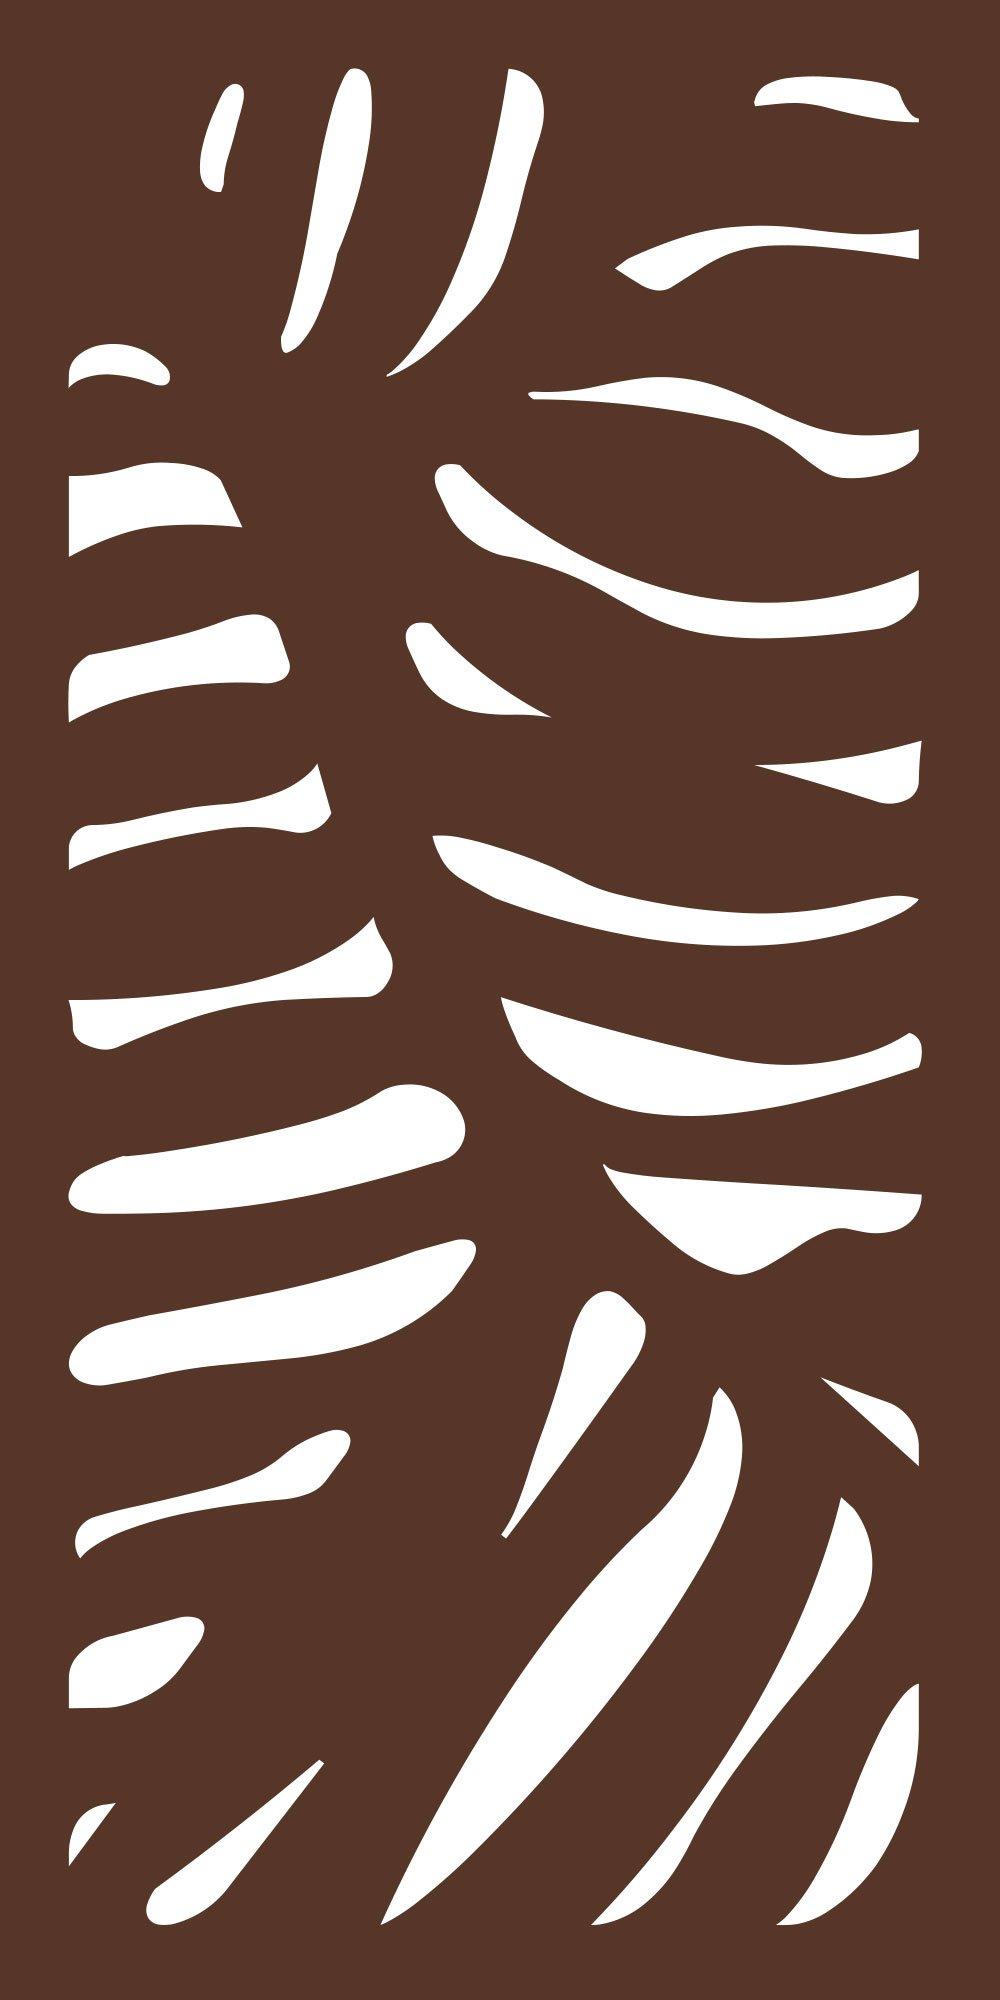 MODINEX Decorative Screen Panel - CABO Design - 2' x 4' Size - Espresso - 80% Privacy